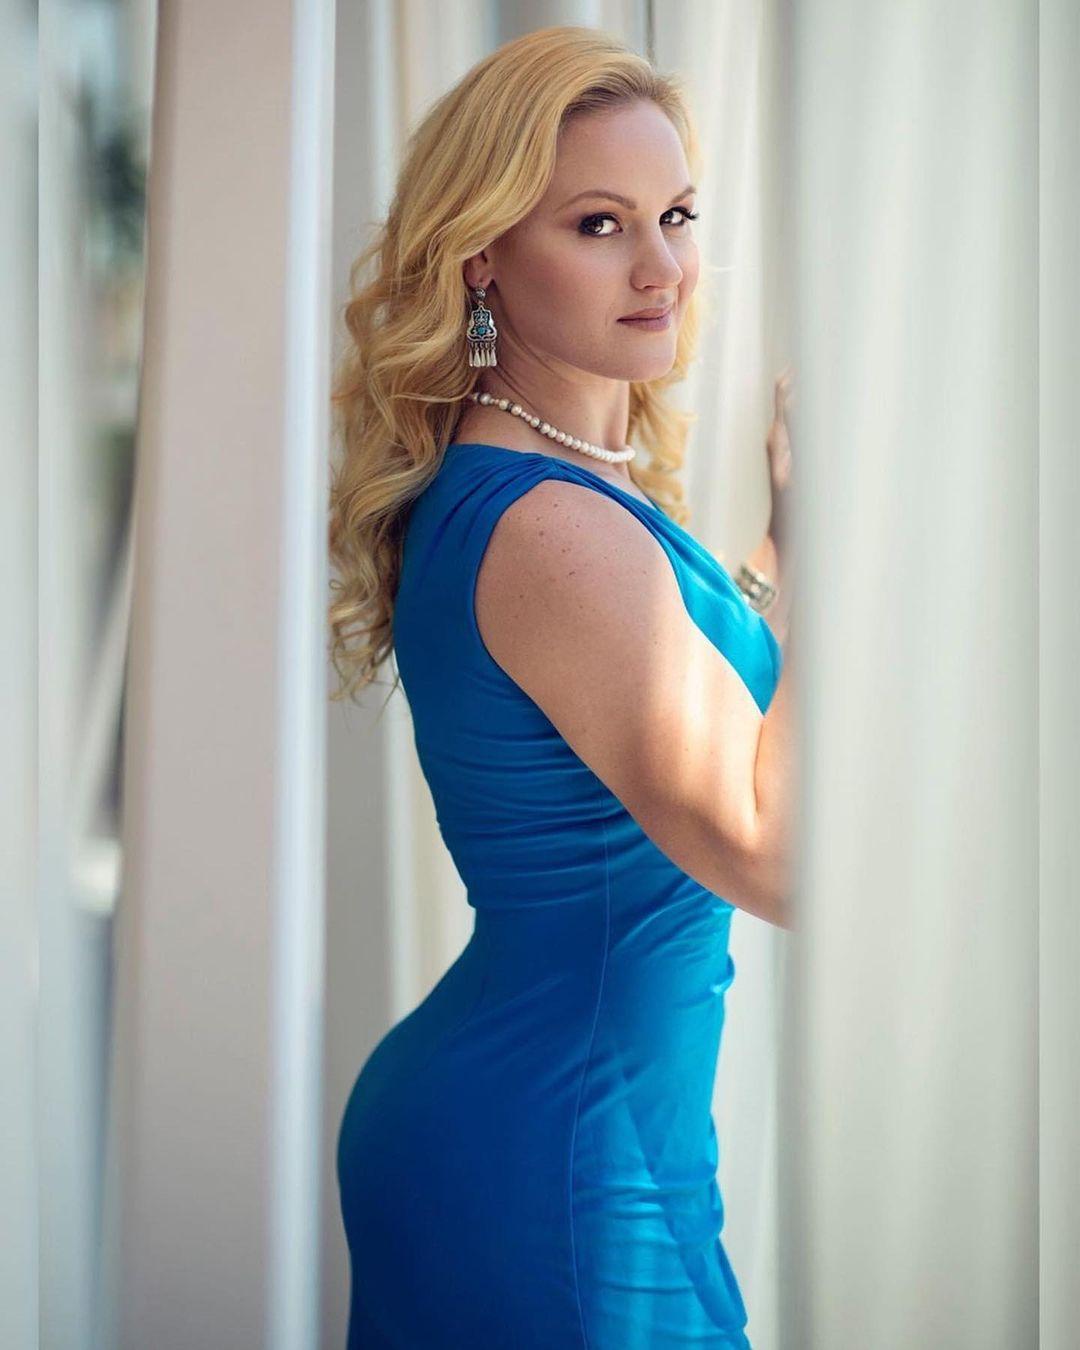 Valentina Shevchenko butt